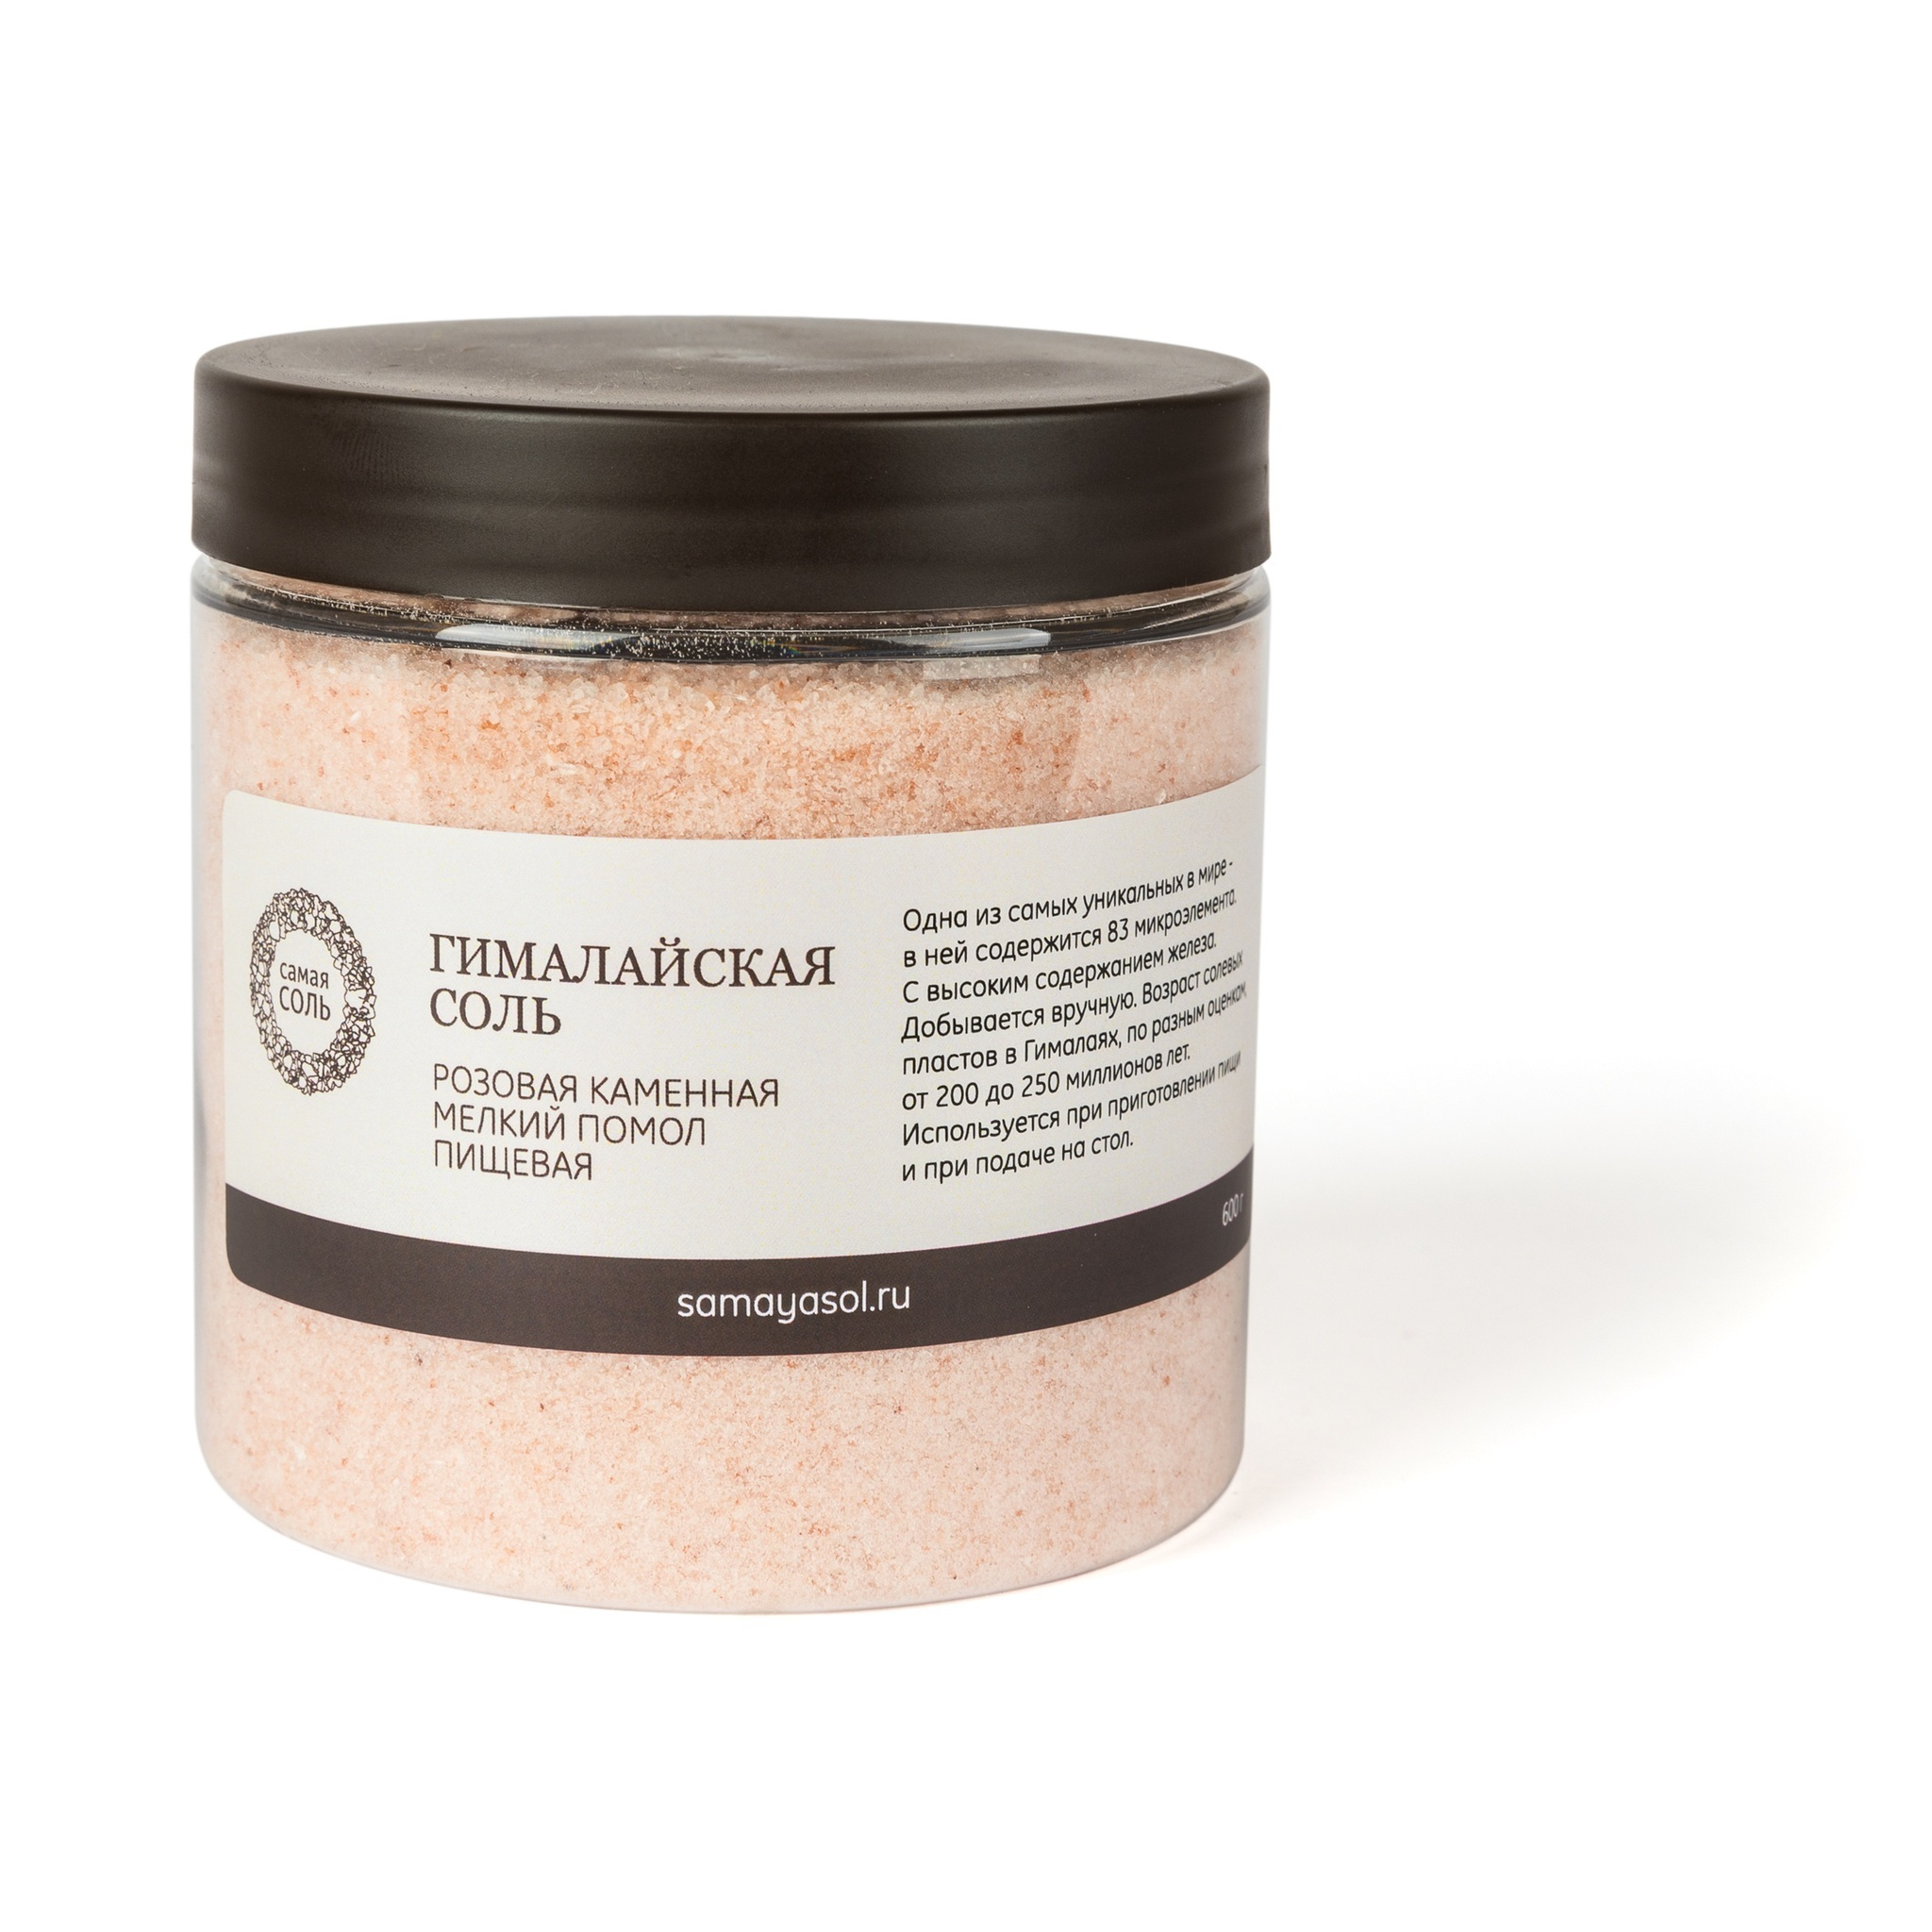 Гималайская соль мелкая пищевая